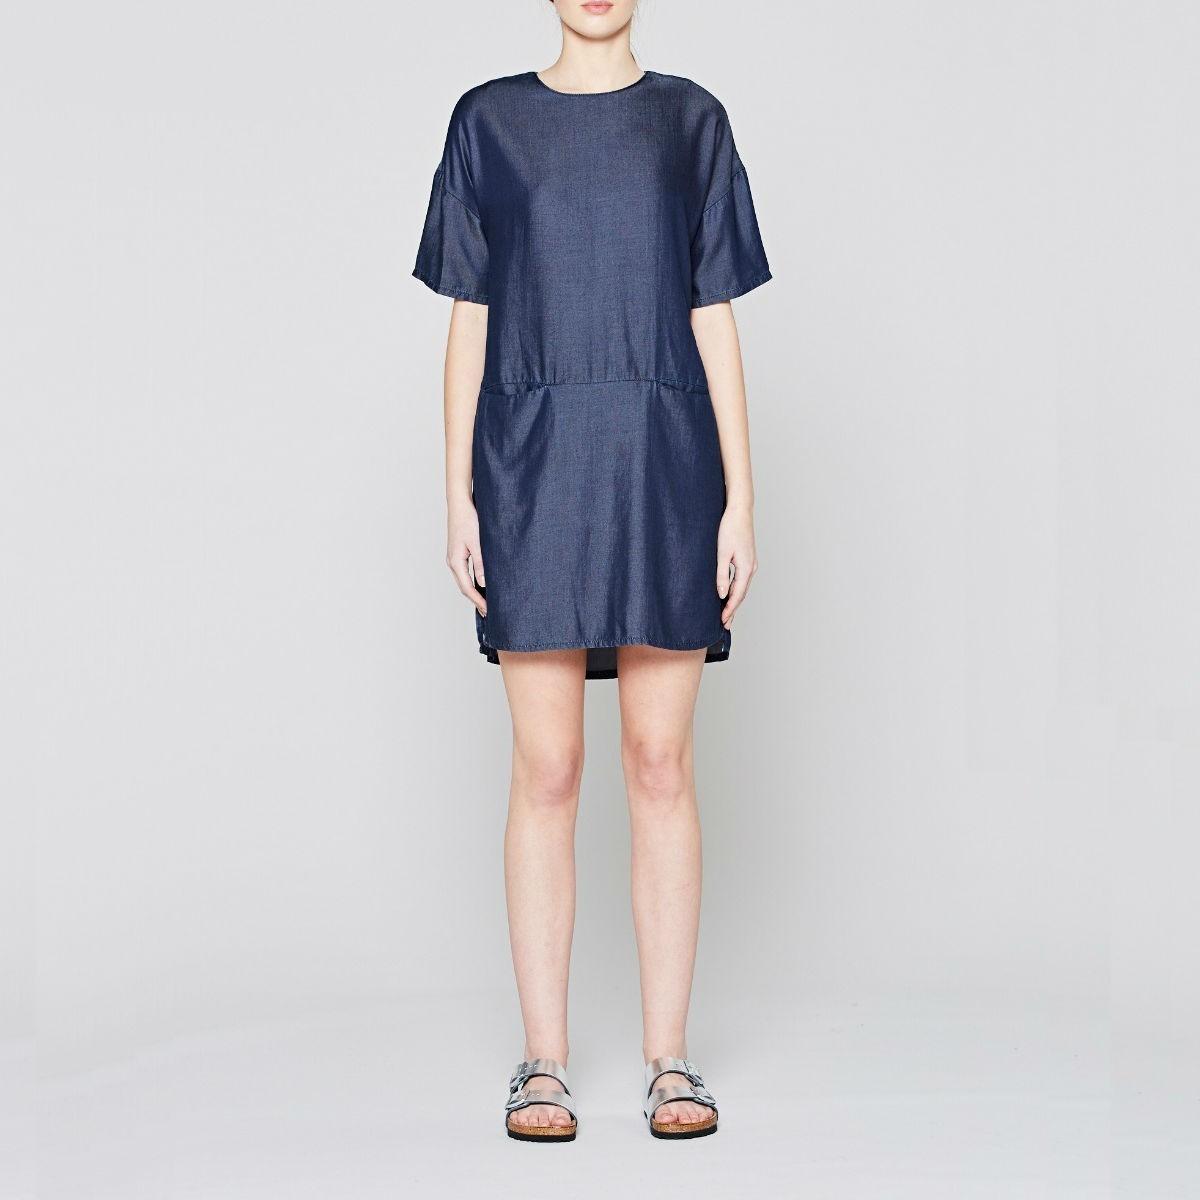 Modré džínové šaty - Abyssal - S